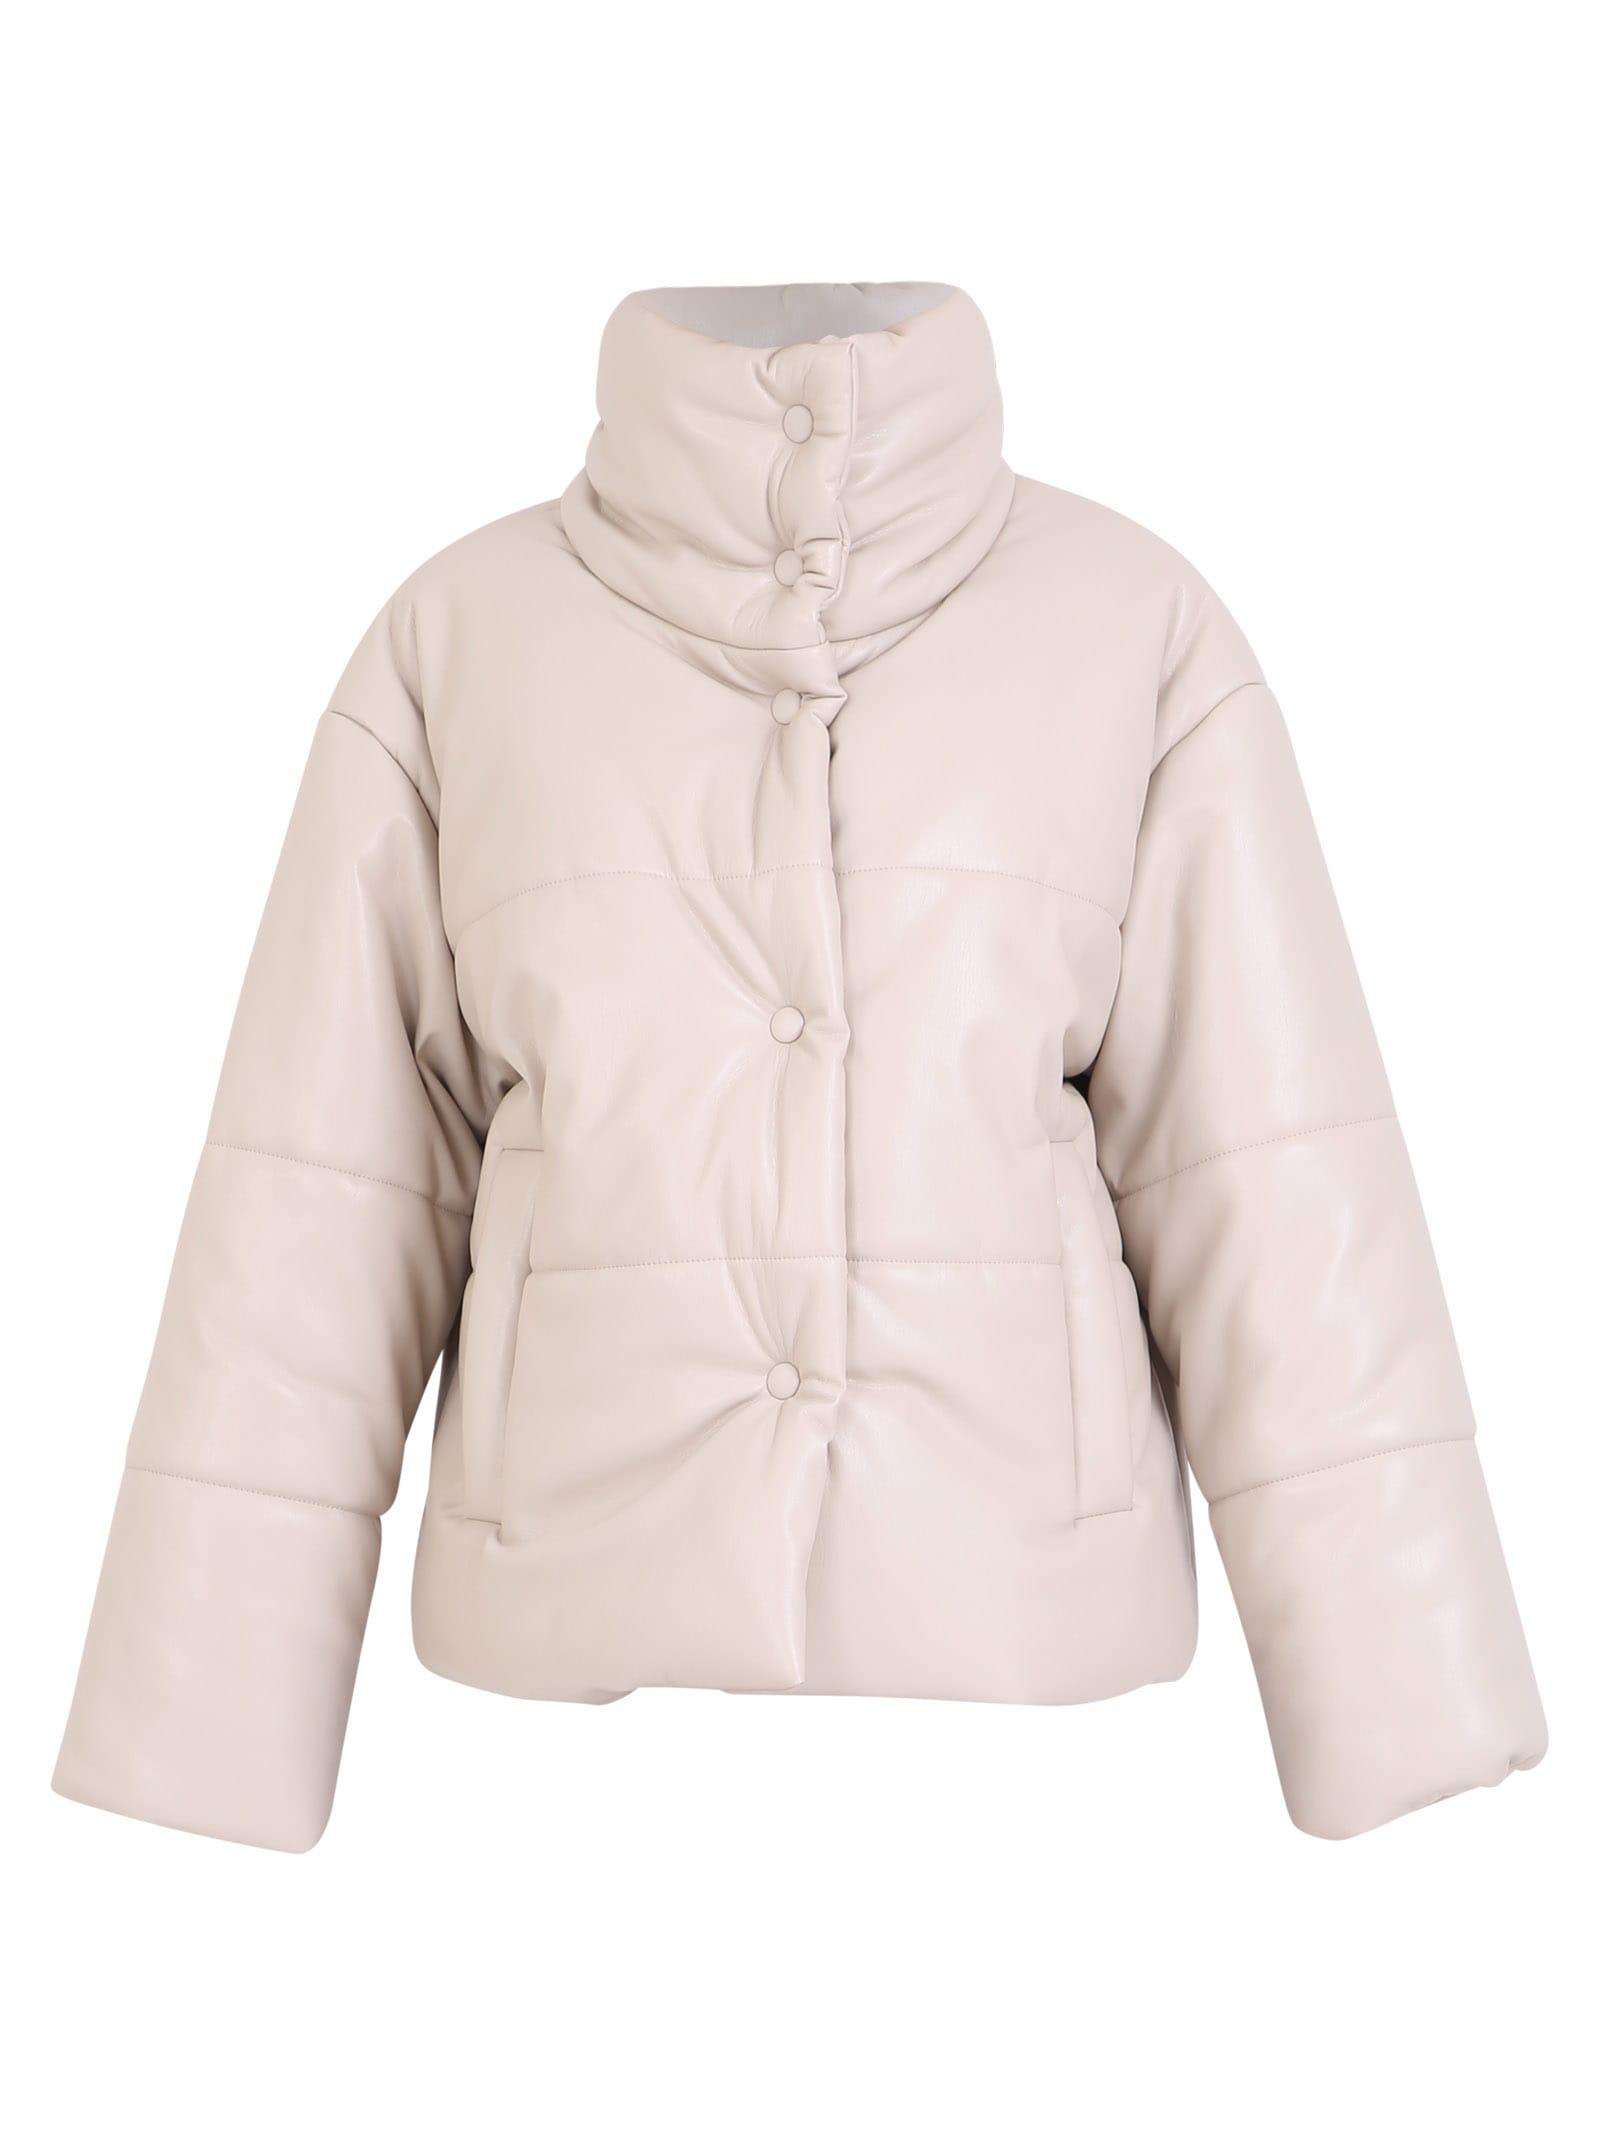 Nanushka Padded Jacket